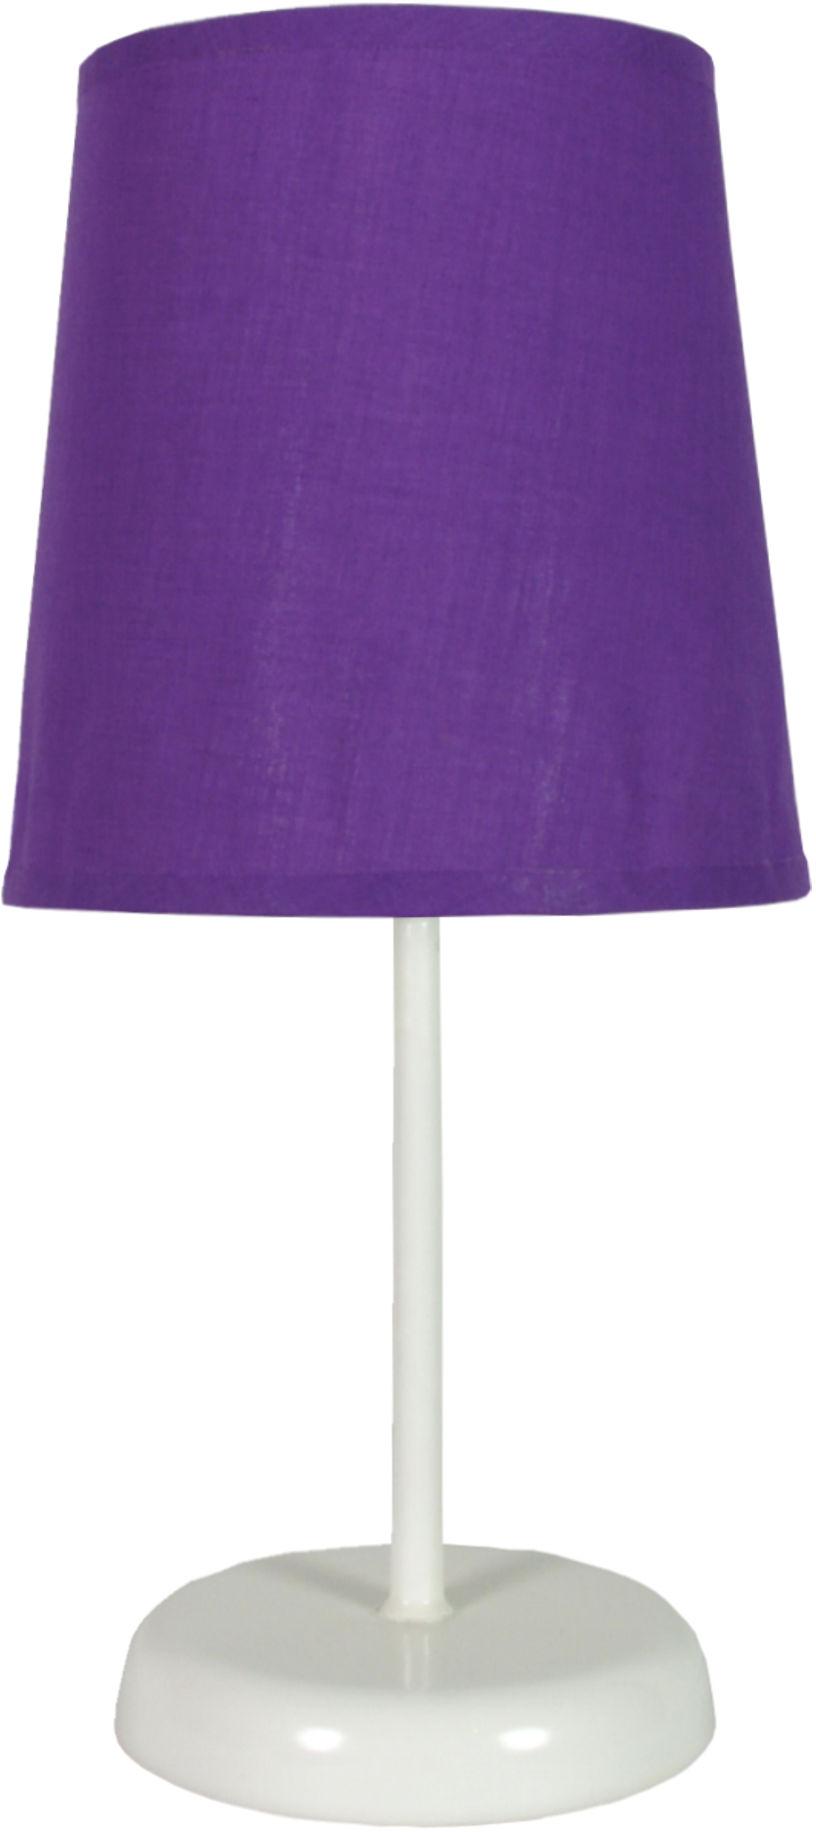 Candellux GALA 41-98392 lampa stołowa abażur fioletowa 1X40W E14 14 cm